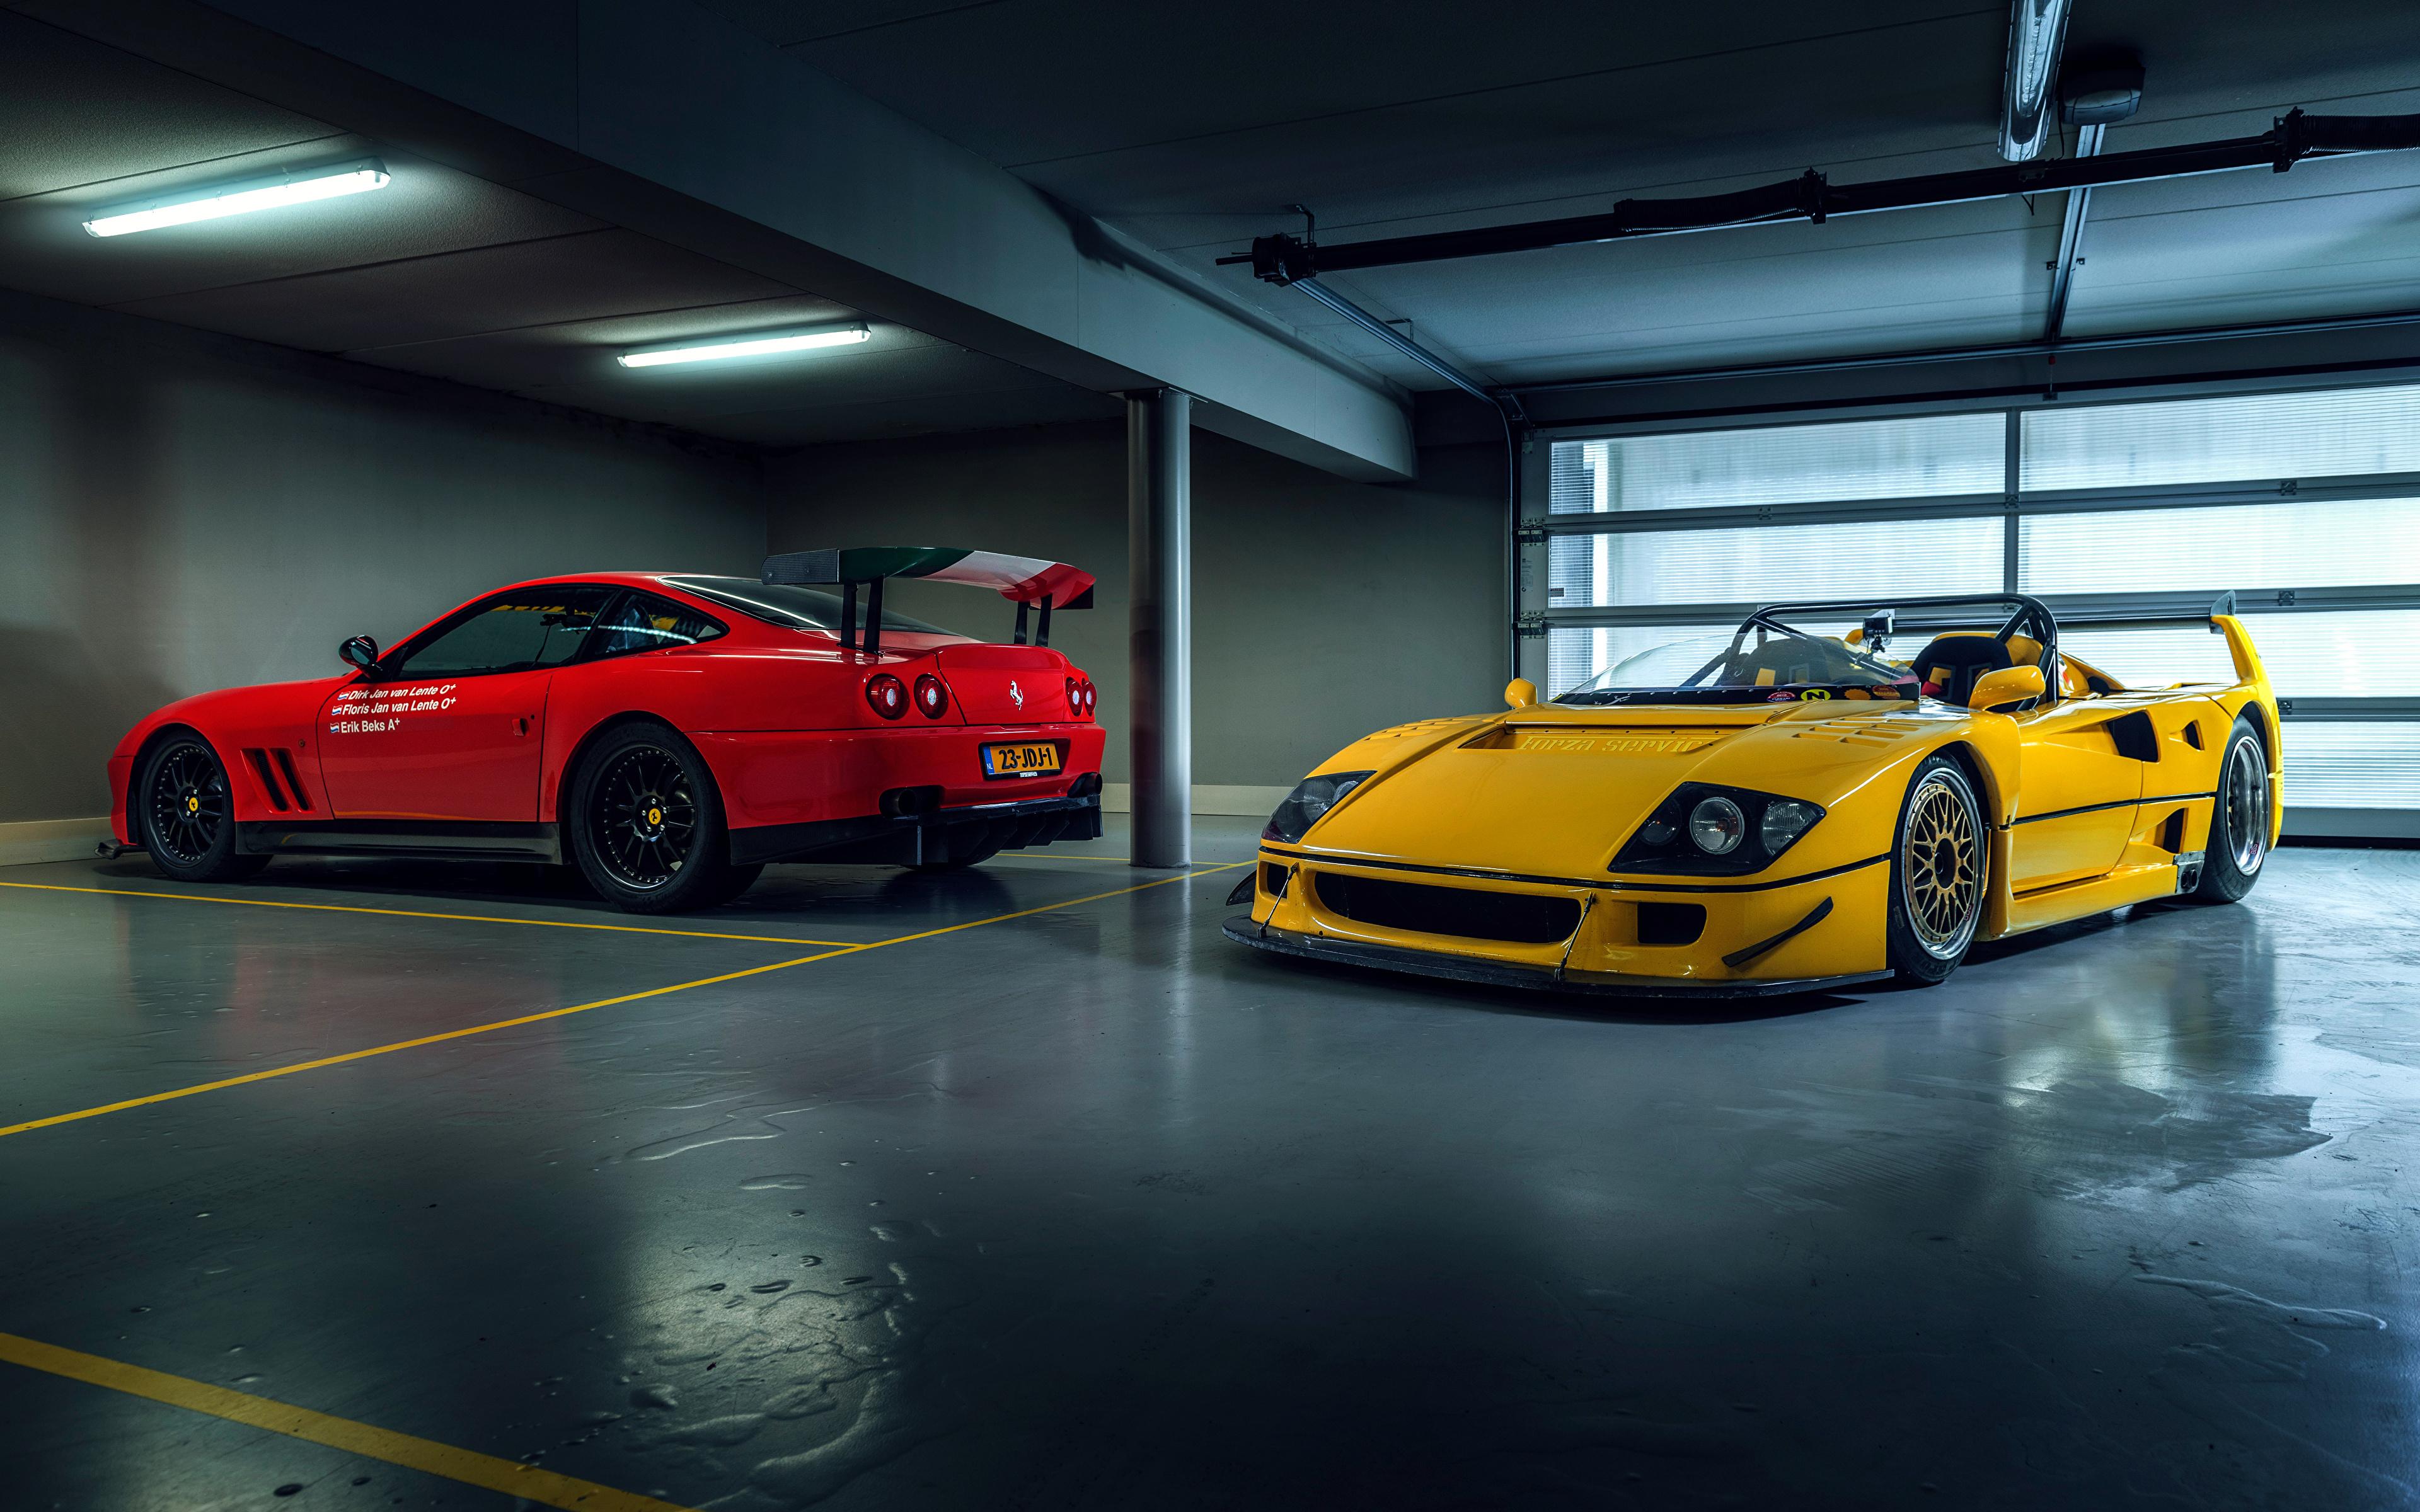 Papeis De Parede 3840x2400 Ferrari F40 Lm Barchetta By Michelotto Prodrive 550 Gto Maranello Dois Carros Baixar Imagens